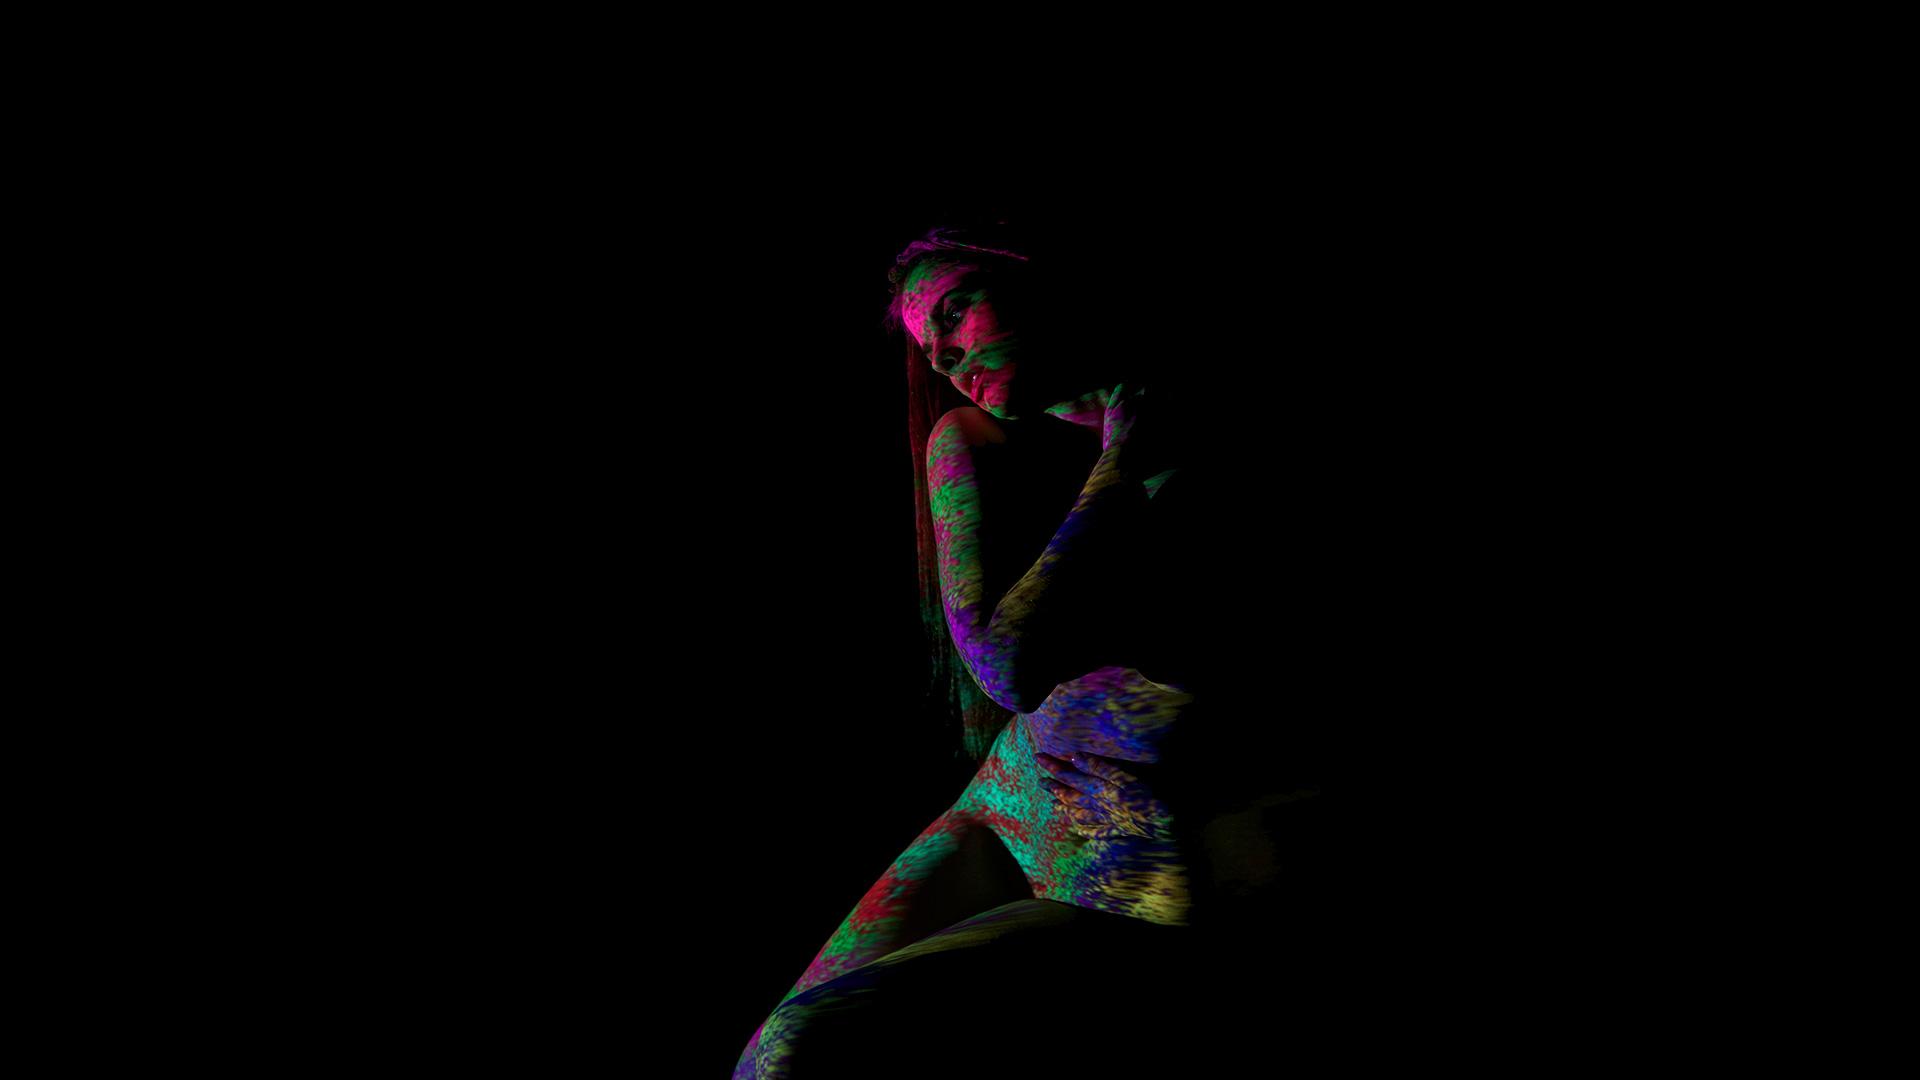 Denver_Photographer_Dale-Steadman-BodyArt-01.jpg